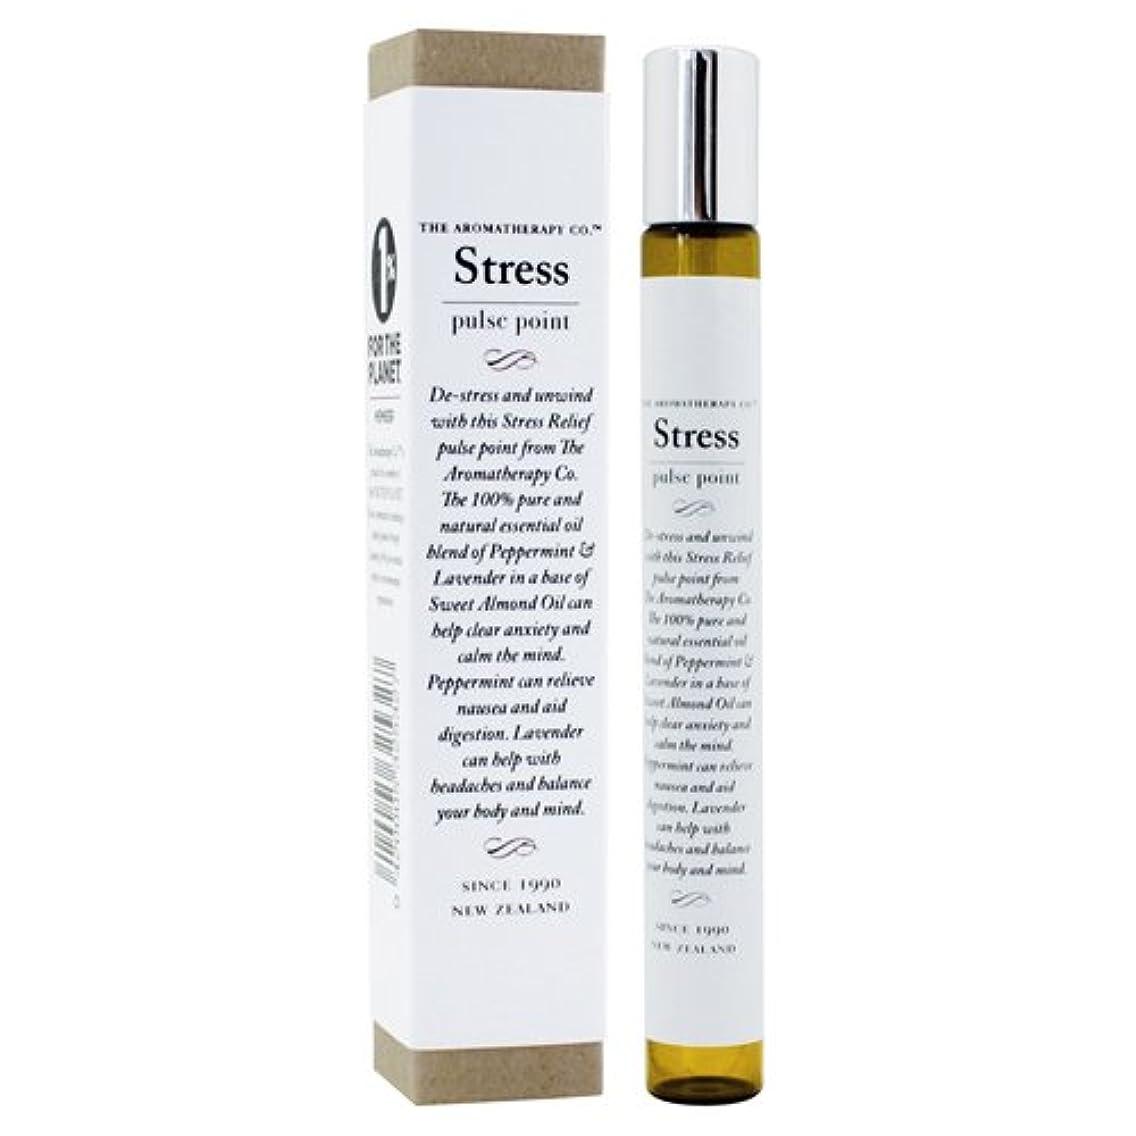 デコレーションマザーランド自宅でTherapy Range セラピーレンジ Pulse Pointパルスポイント Stressストレス